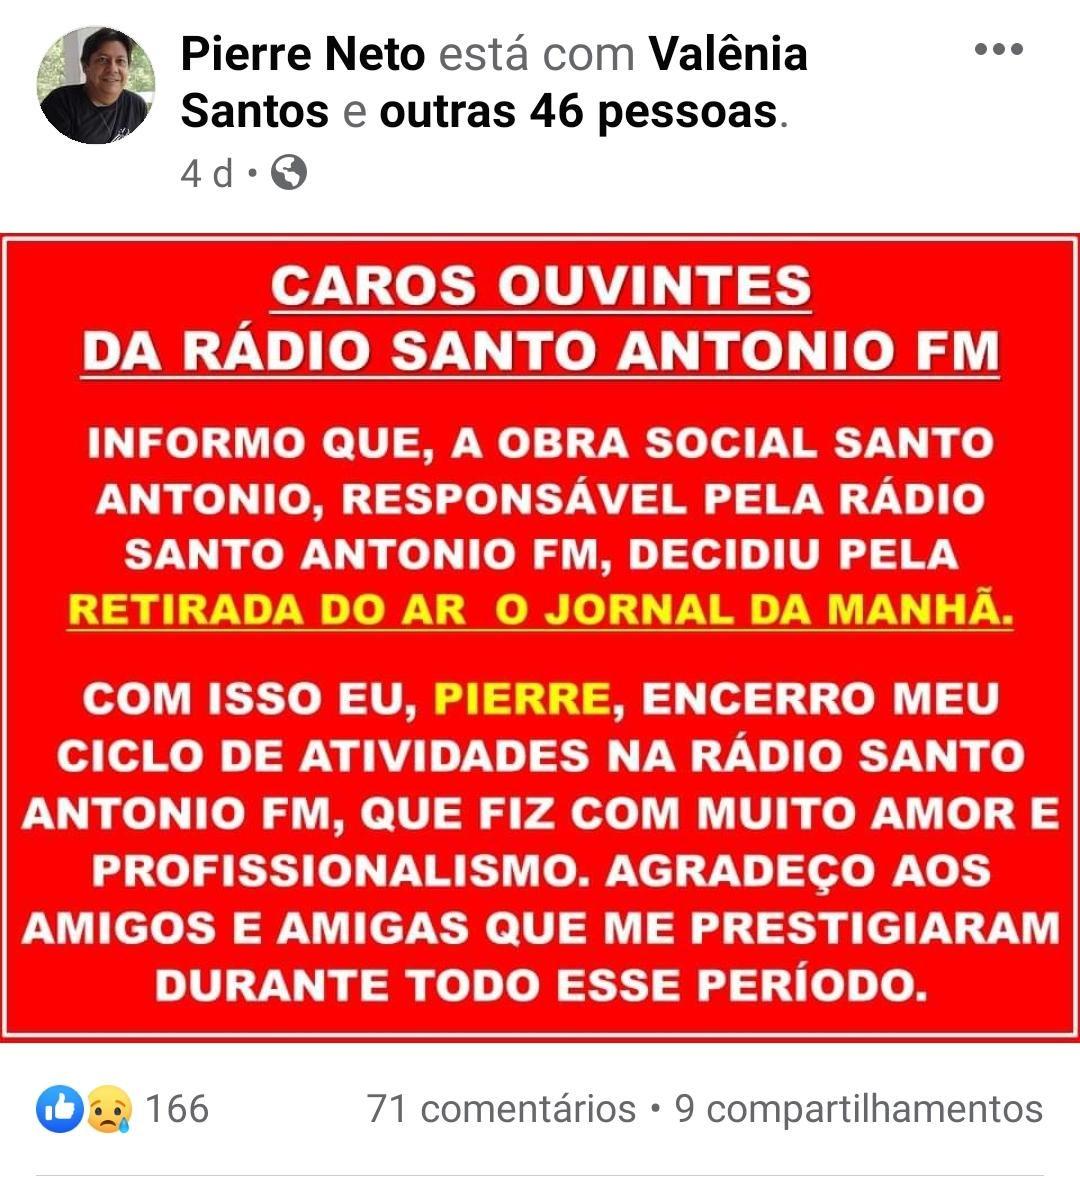 Publicação do radialista Pierre Neto nas redes sociais.